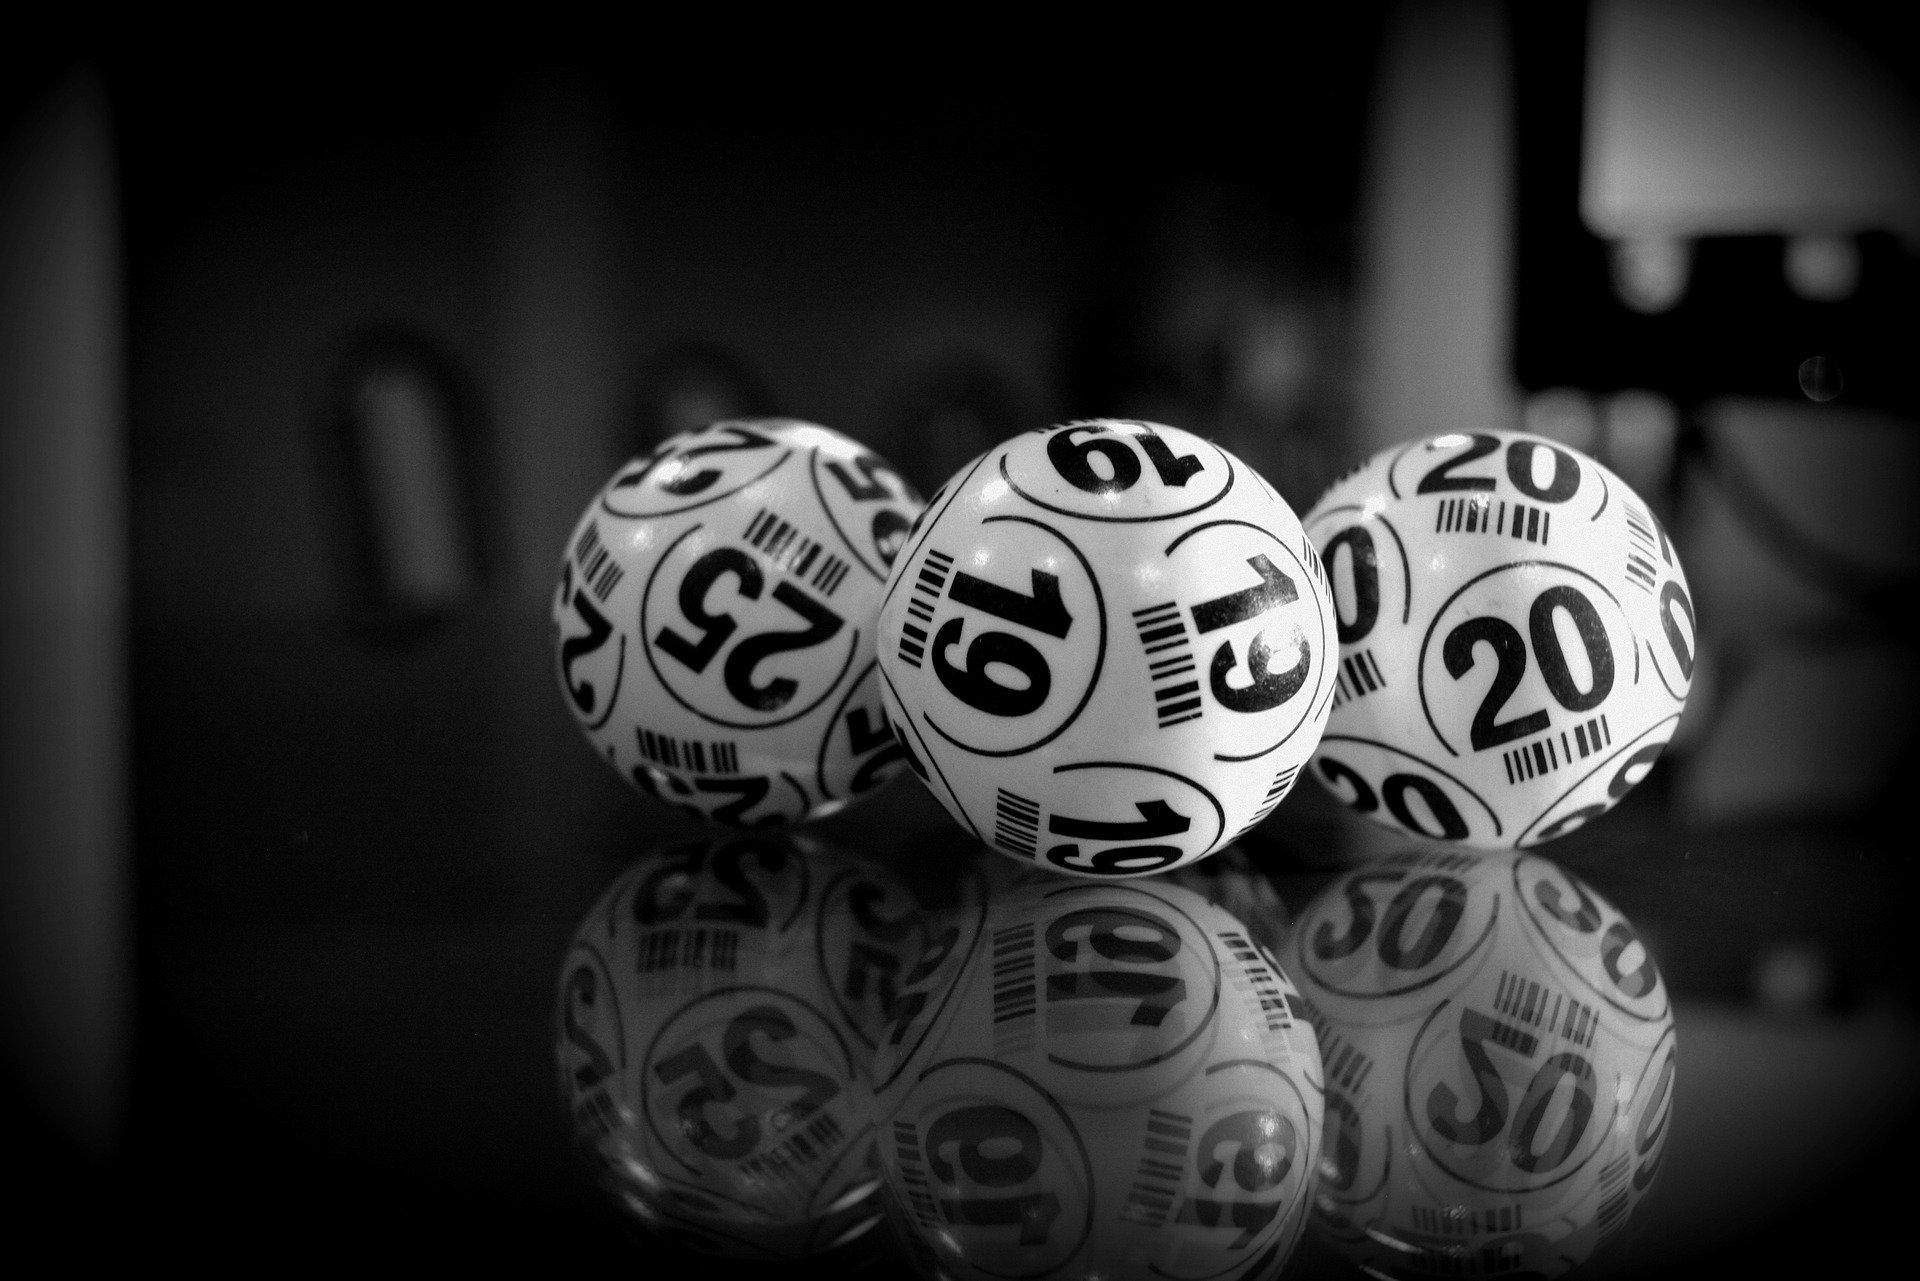 La Lotería de Navidad dejará los premios exentos de tributar más altos desde 2013